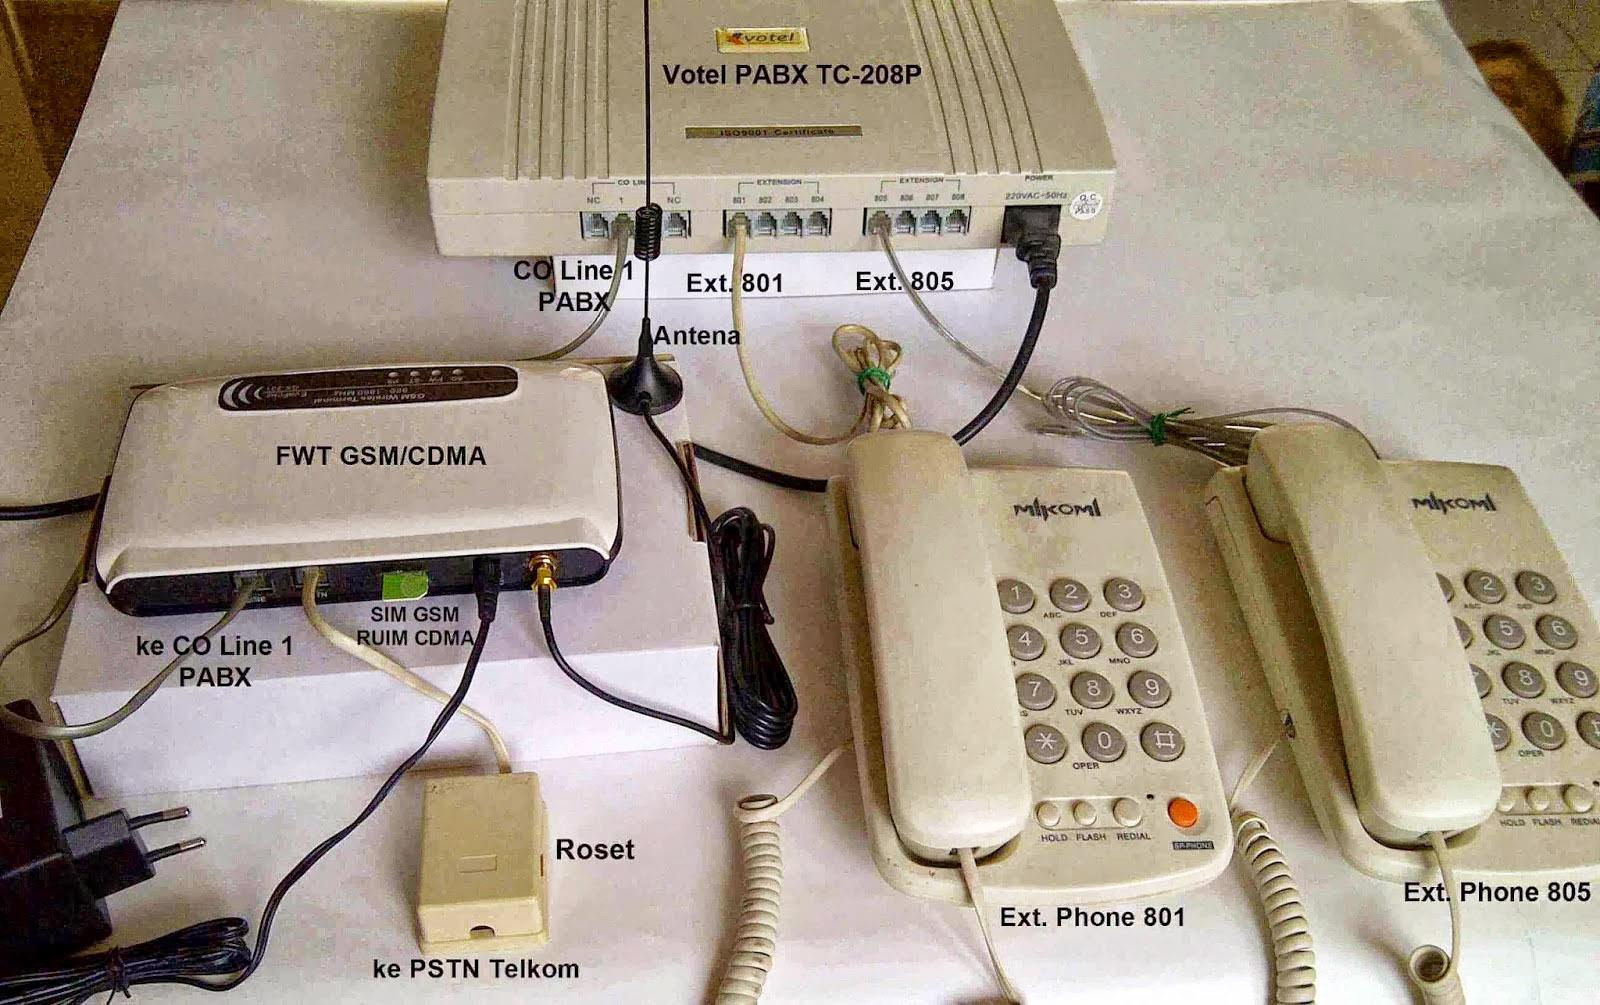 Ulasan Seputar Sistem Telepon PABX dan Jenisnya yang Bisa Dipilih